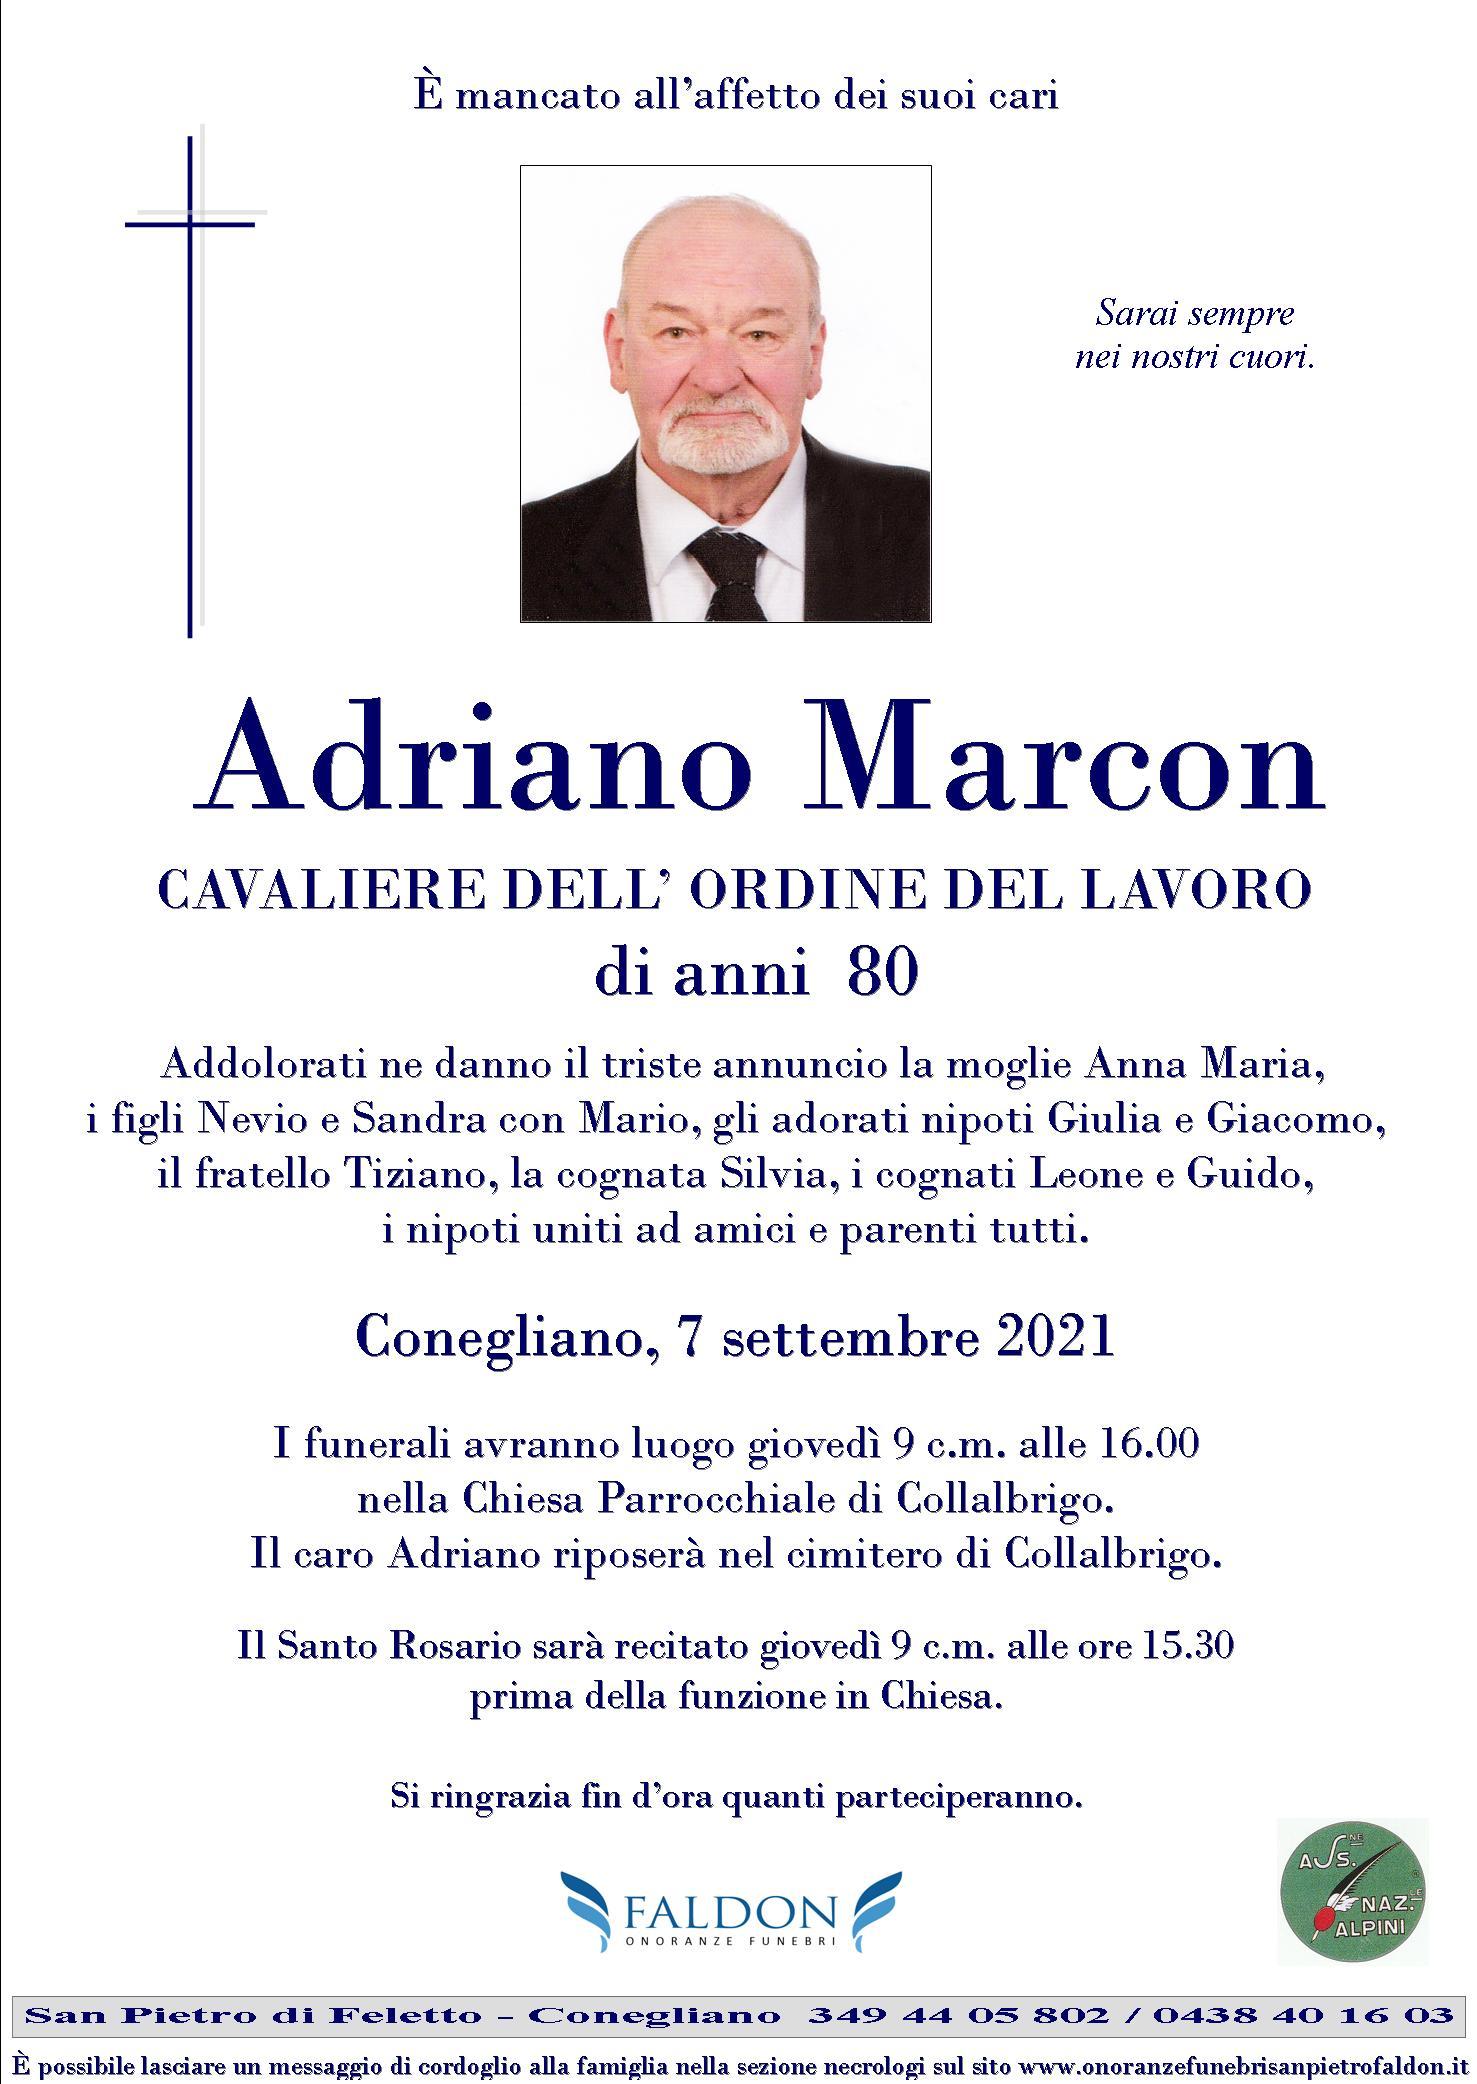 Adriano Marcon